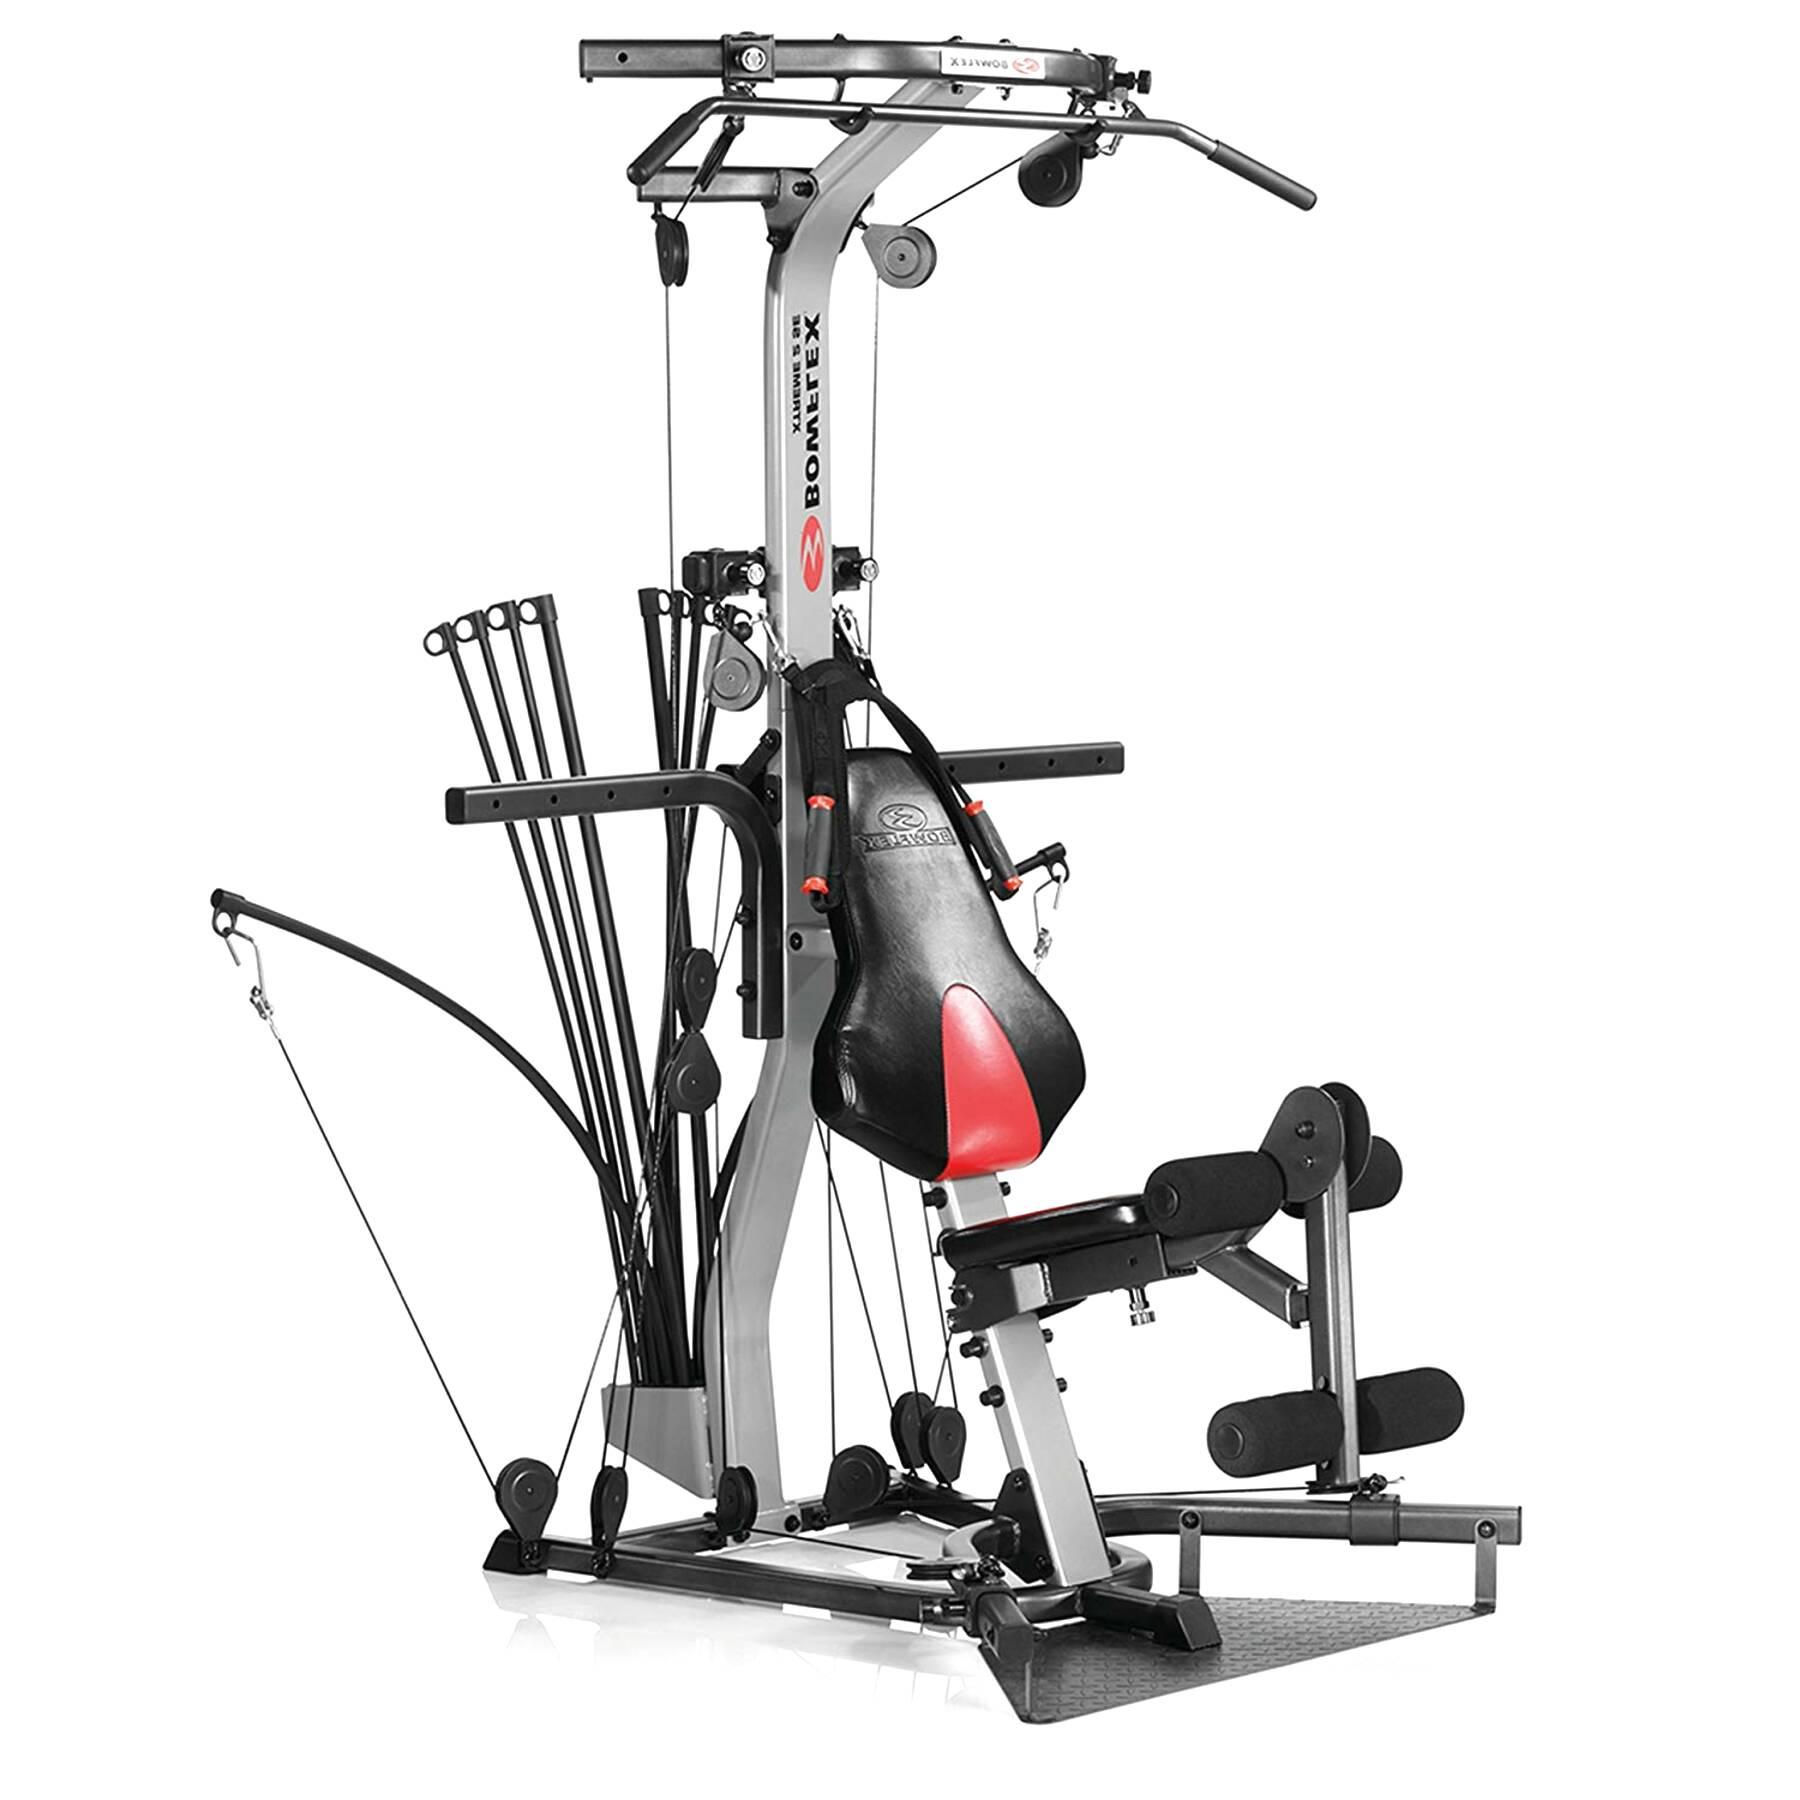 bowflex gym for sale